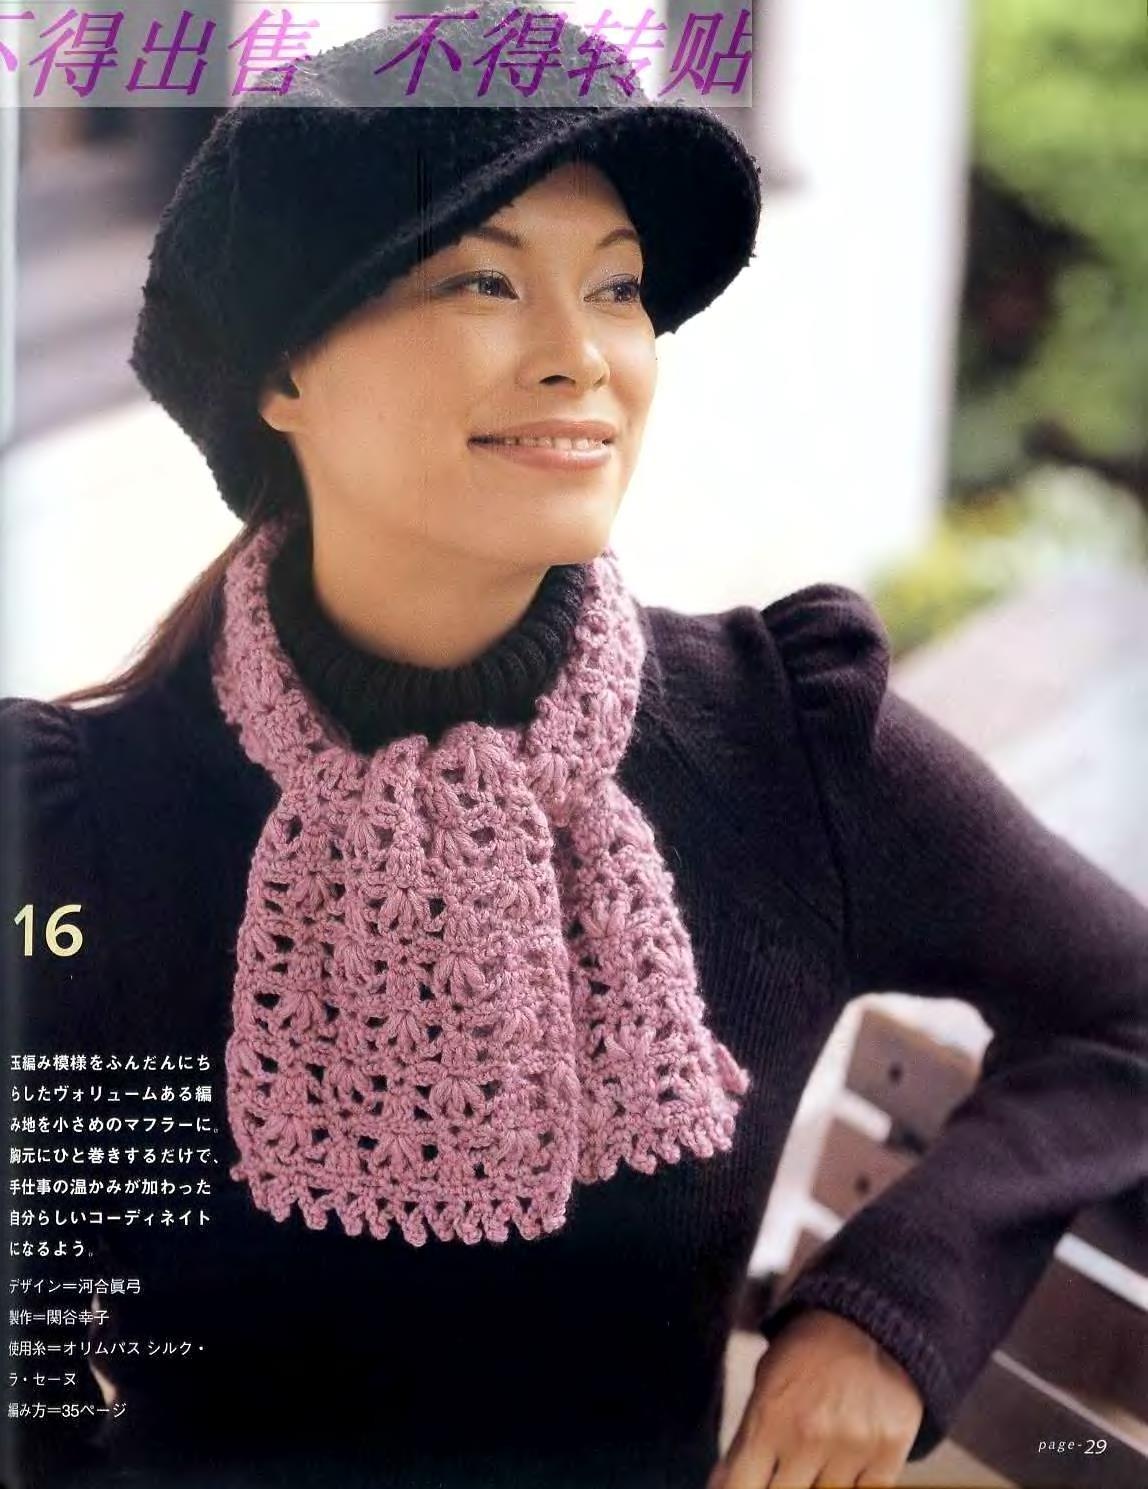 Lets-knit-series-Blue-Lace-sp-kr_26.jpg